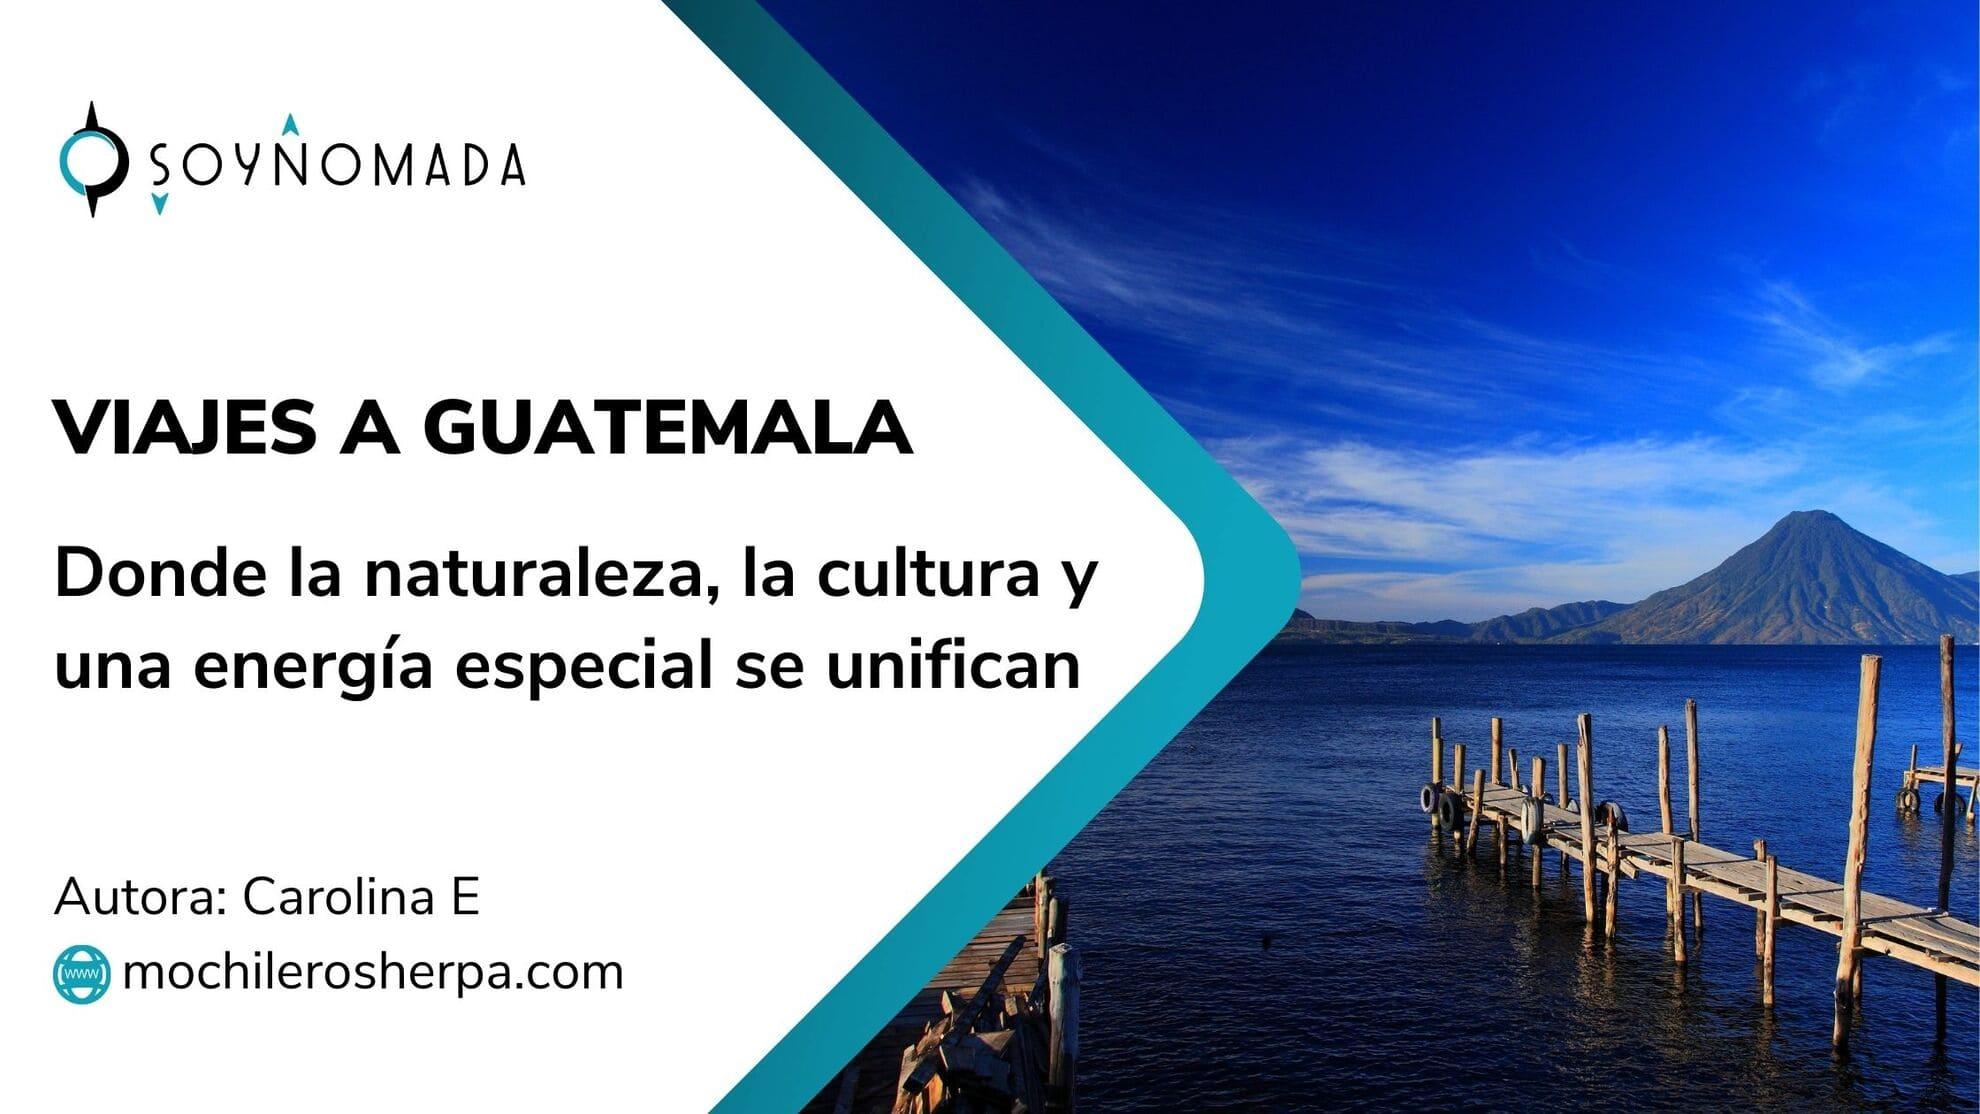 Viajes a Guatemala – Donde la naturaleza, la cultura y una energía especial se unifican